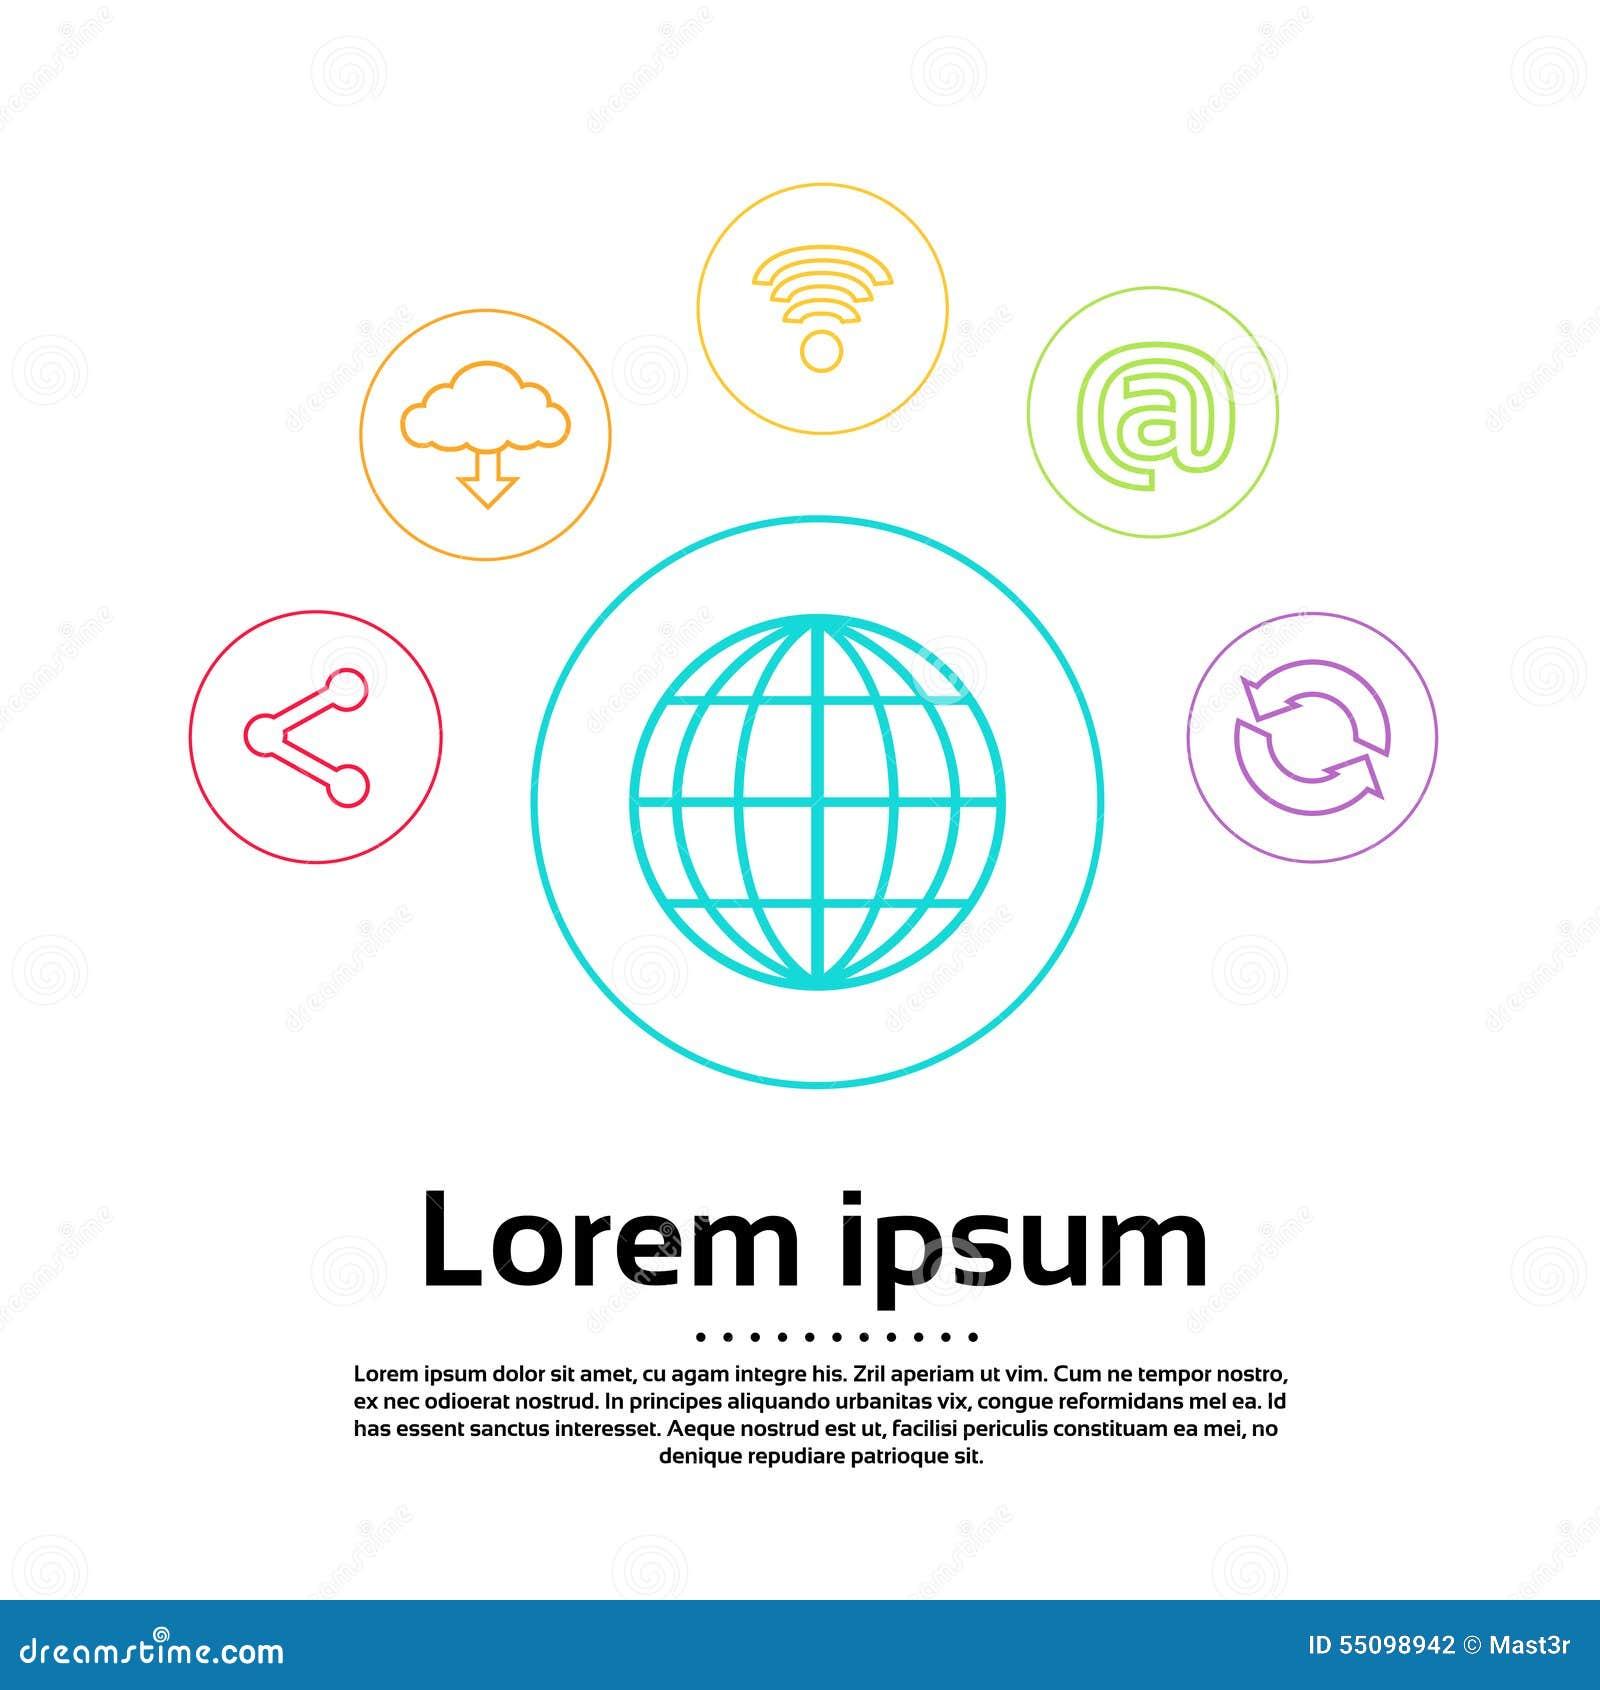 Terra logo technologies da conexo do mundo do internet ilustrao download comp ccuart Gallery